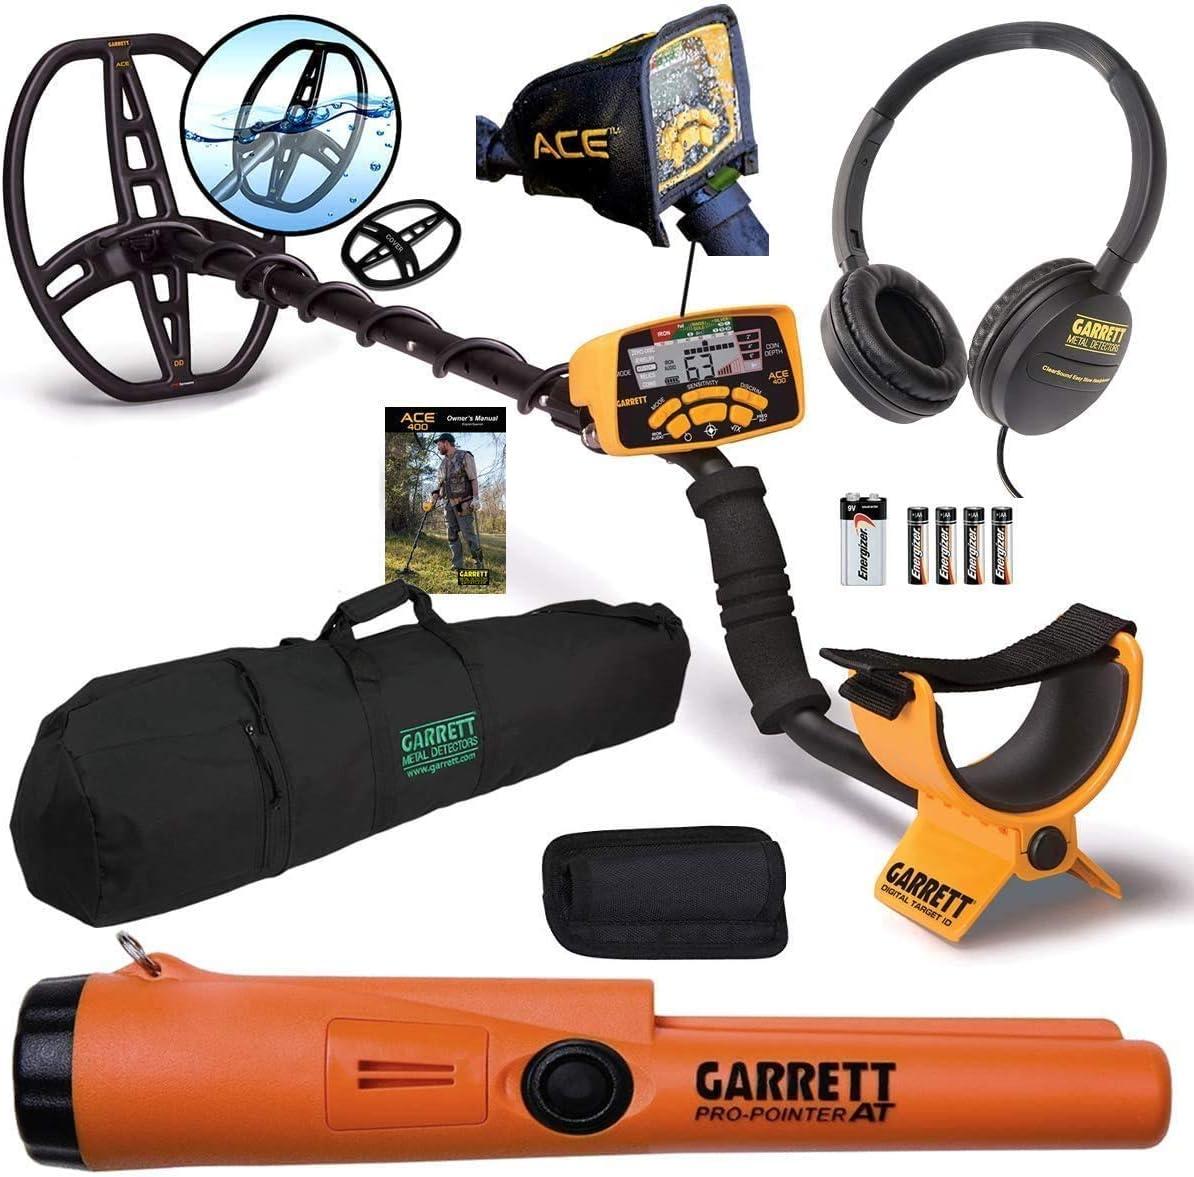 Garett 1138070 ACE 150 /& Garrett 1140900 Pro-Pointer at